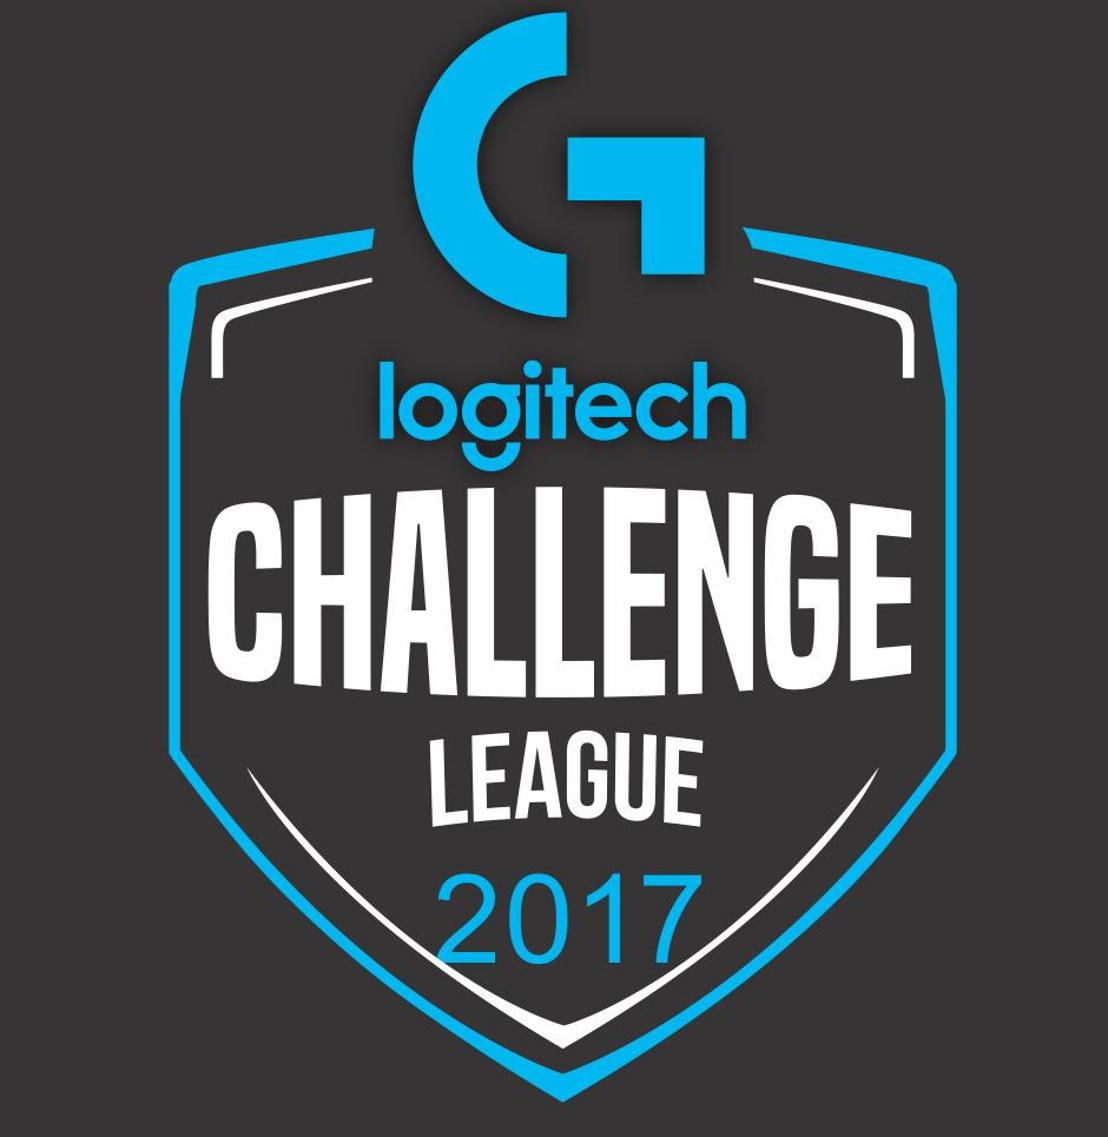 ACTUALIZACIÓN: Gamers, inscríbanse al Logitech G Challenge y viajen a la final en Argentina